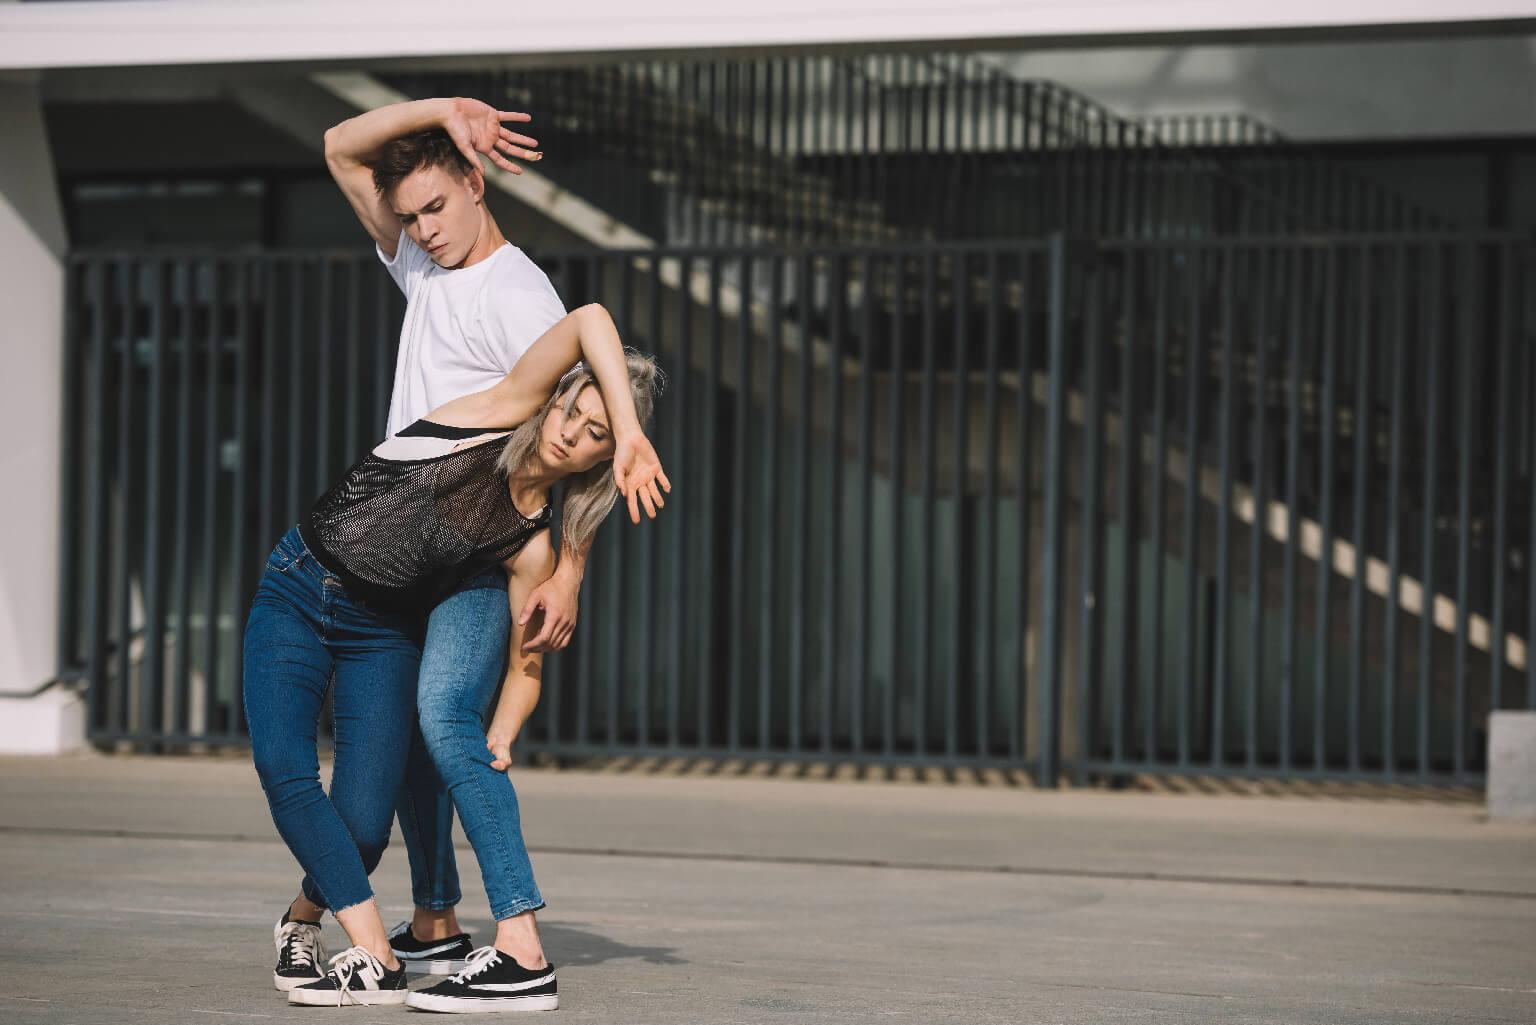 Joven pareja de bailarines practicando en la calle urbana de la ciudad.